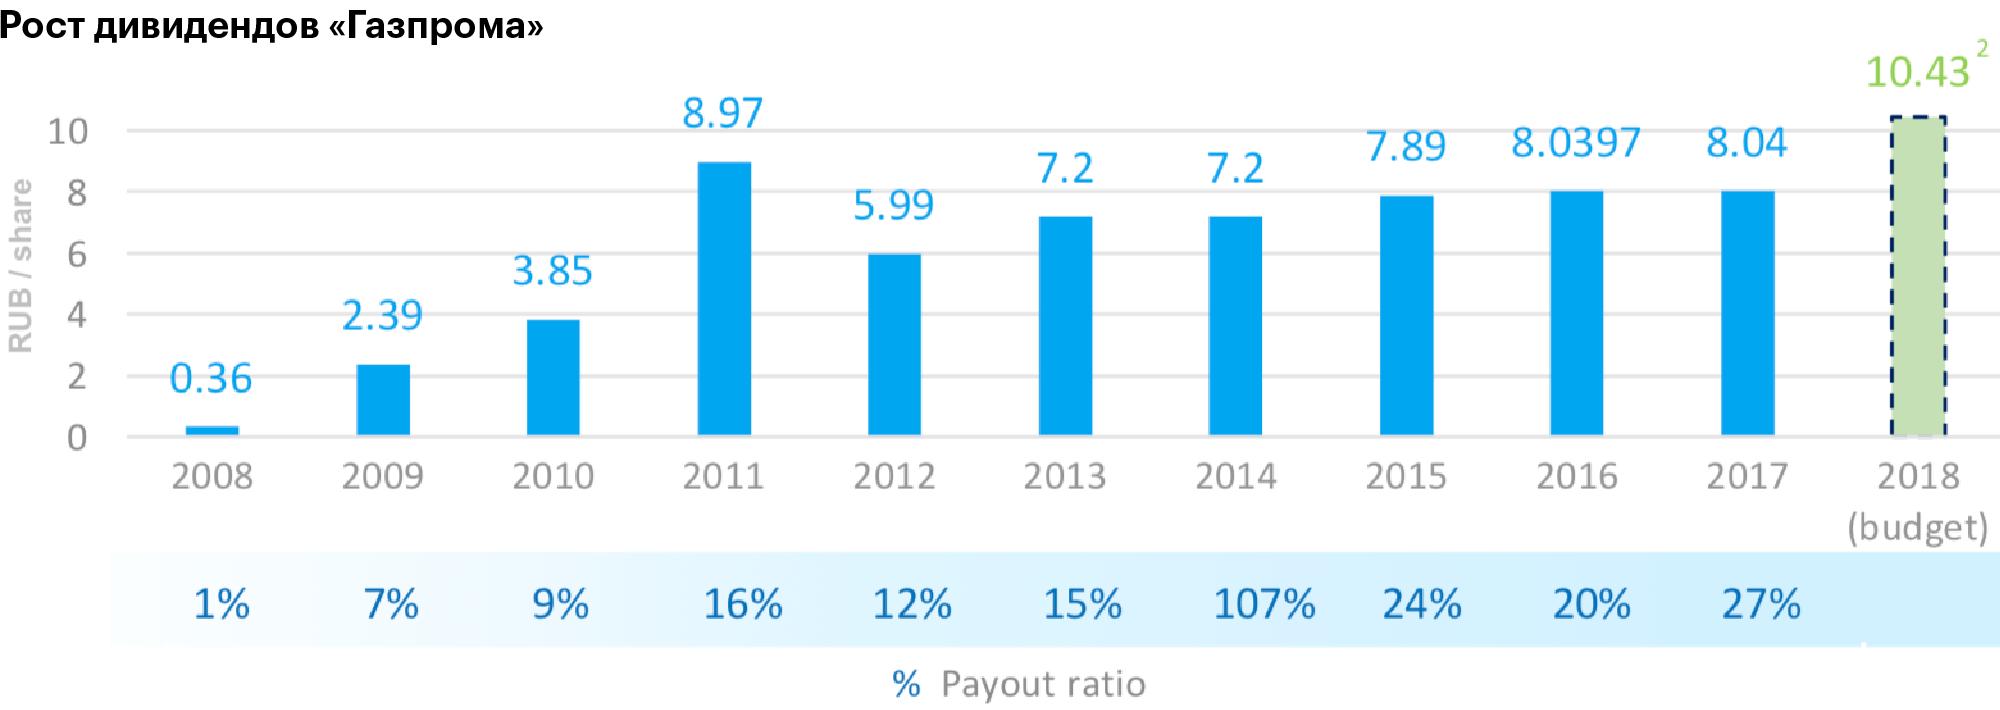 История дивидендных выплат «Газпрома» — руководство планирует не уменьшать выплаты в 2019—2020 годах